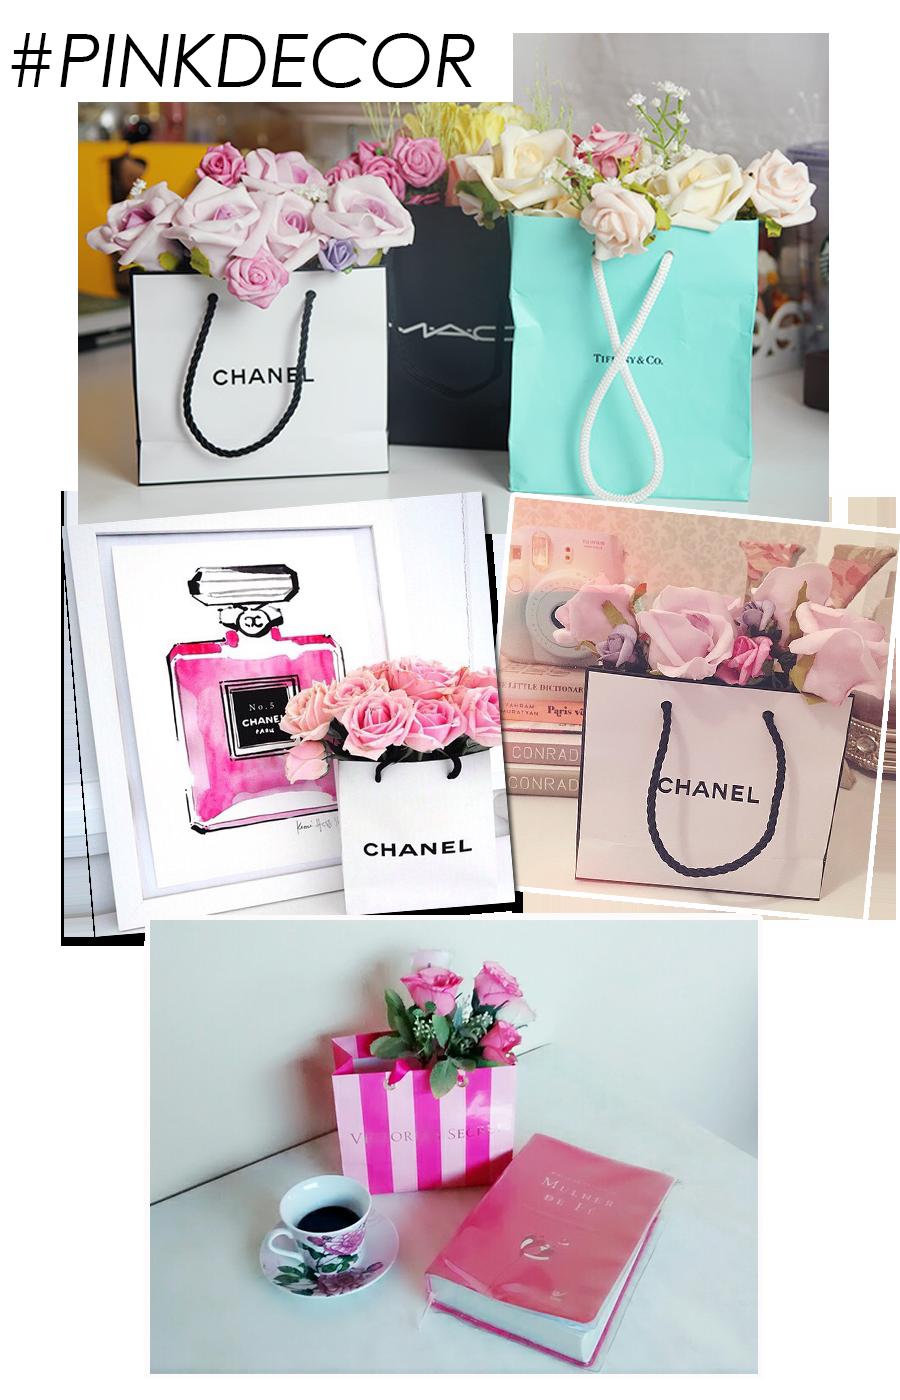 pinkdecor-sacolinhas-depapel-com-flores-tendencia-decoracao